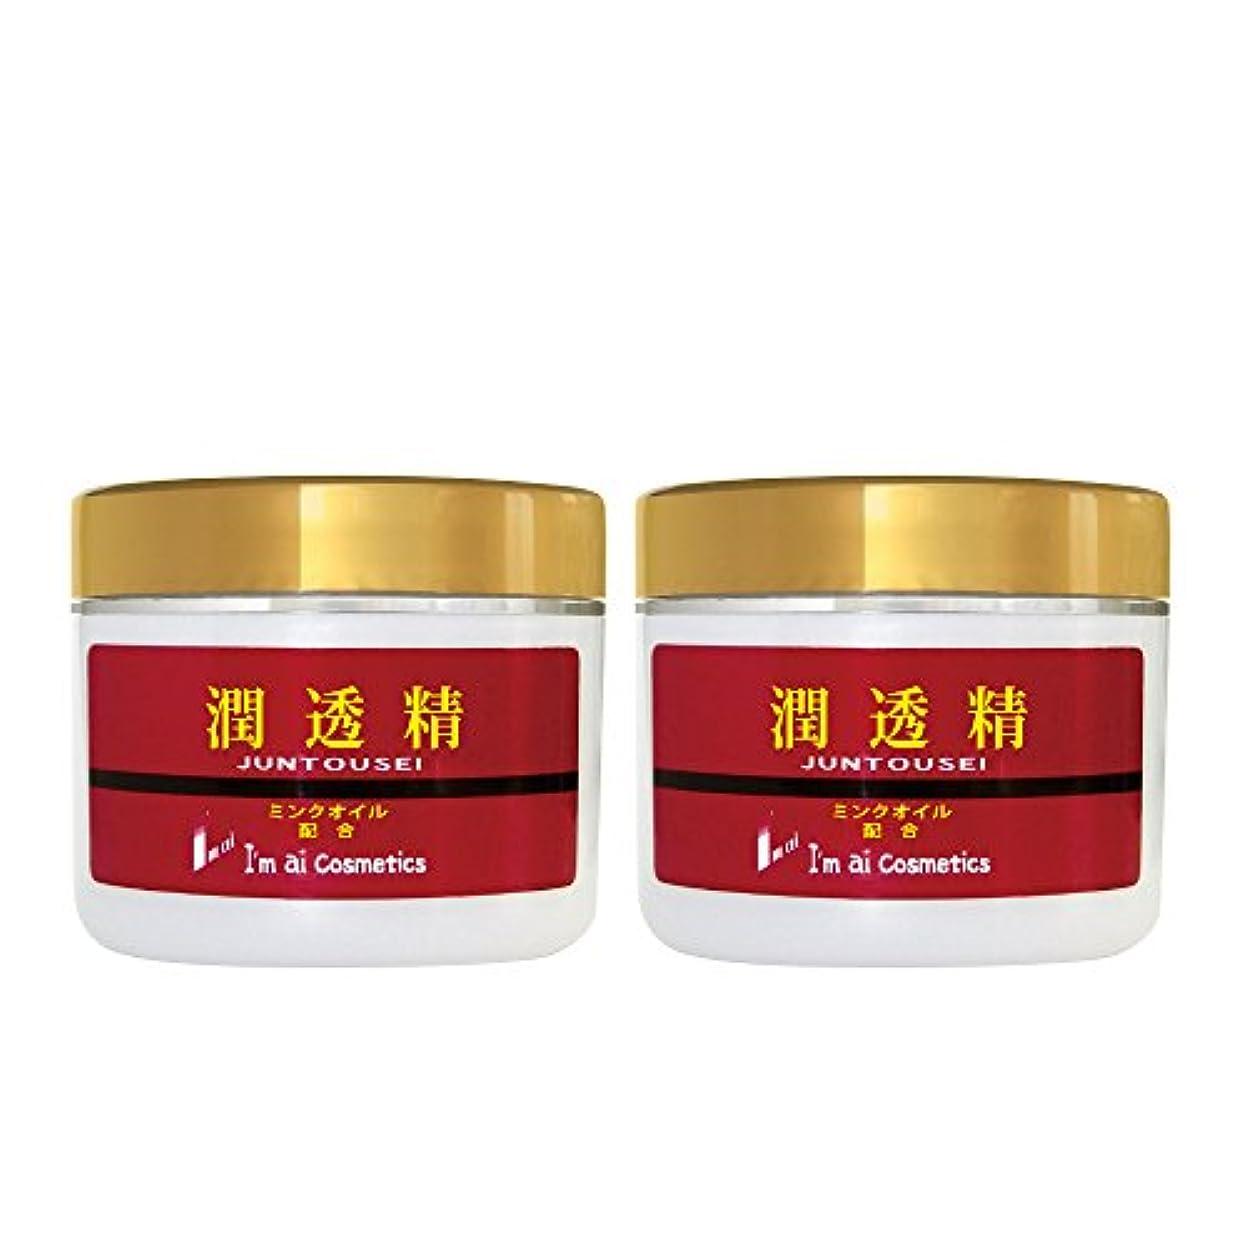 収縮事前に薬剤師【送料無料】潤透精クリーム(美容クリーム120g) 2個セット